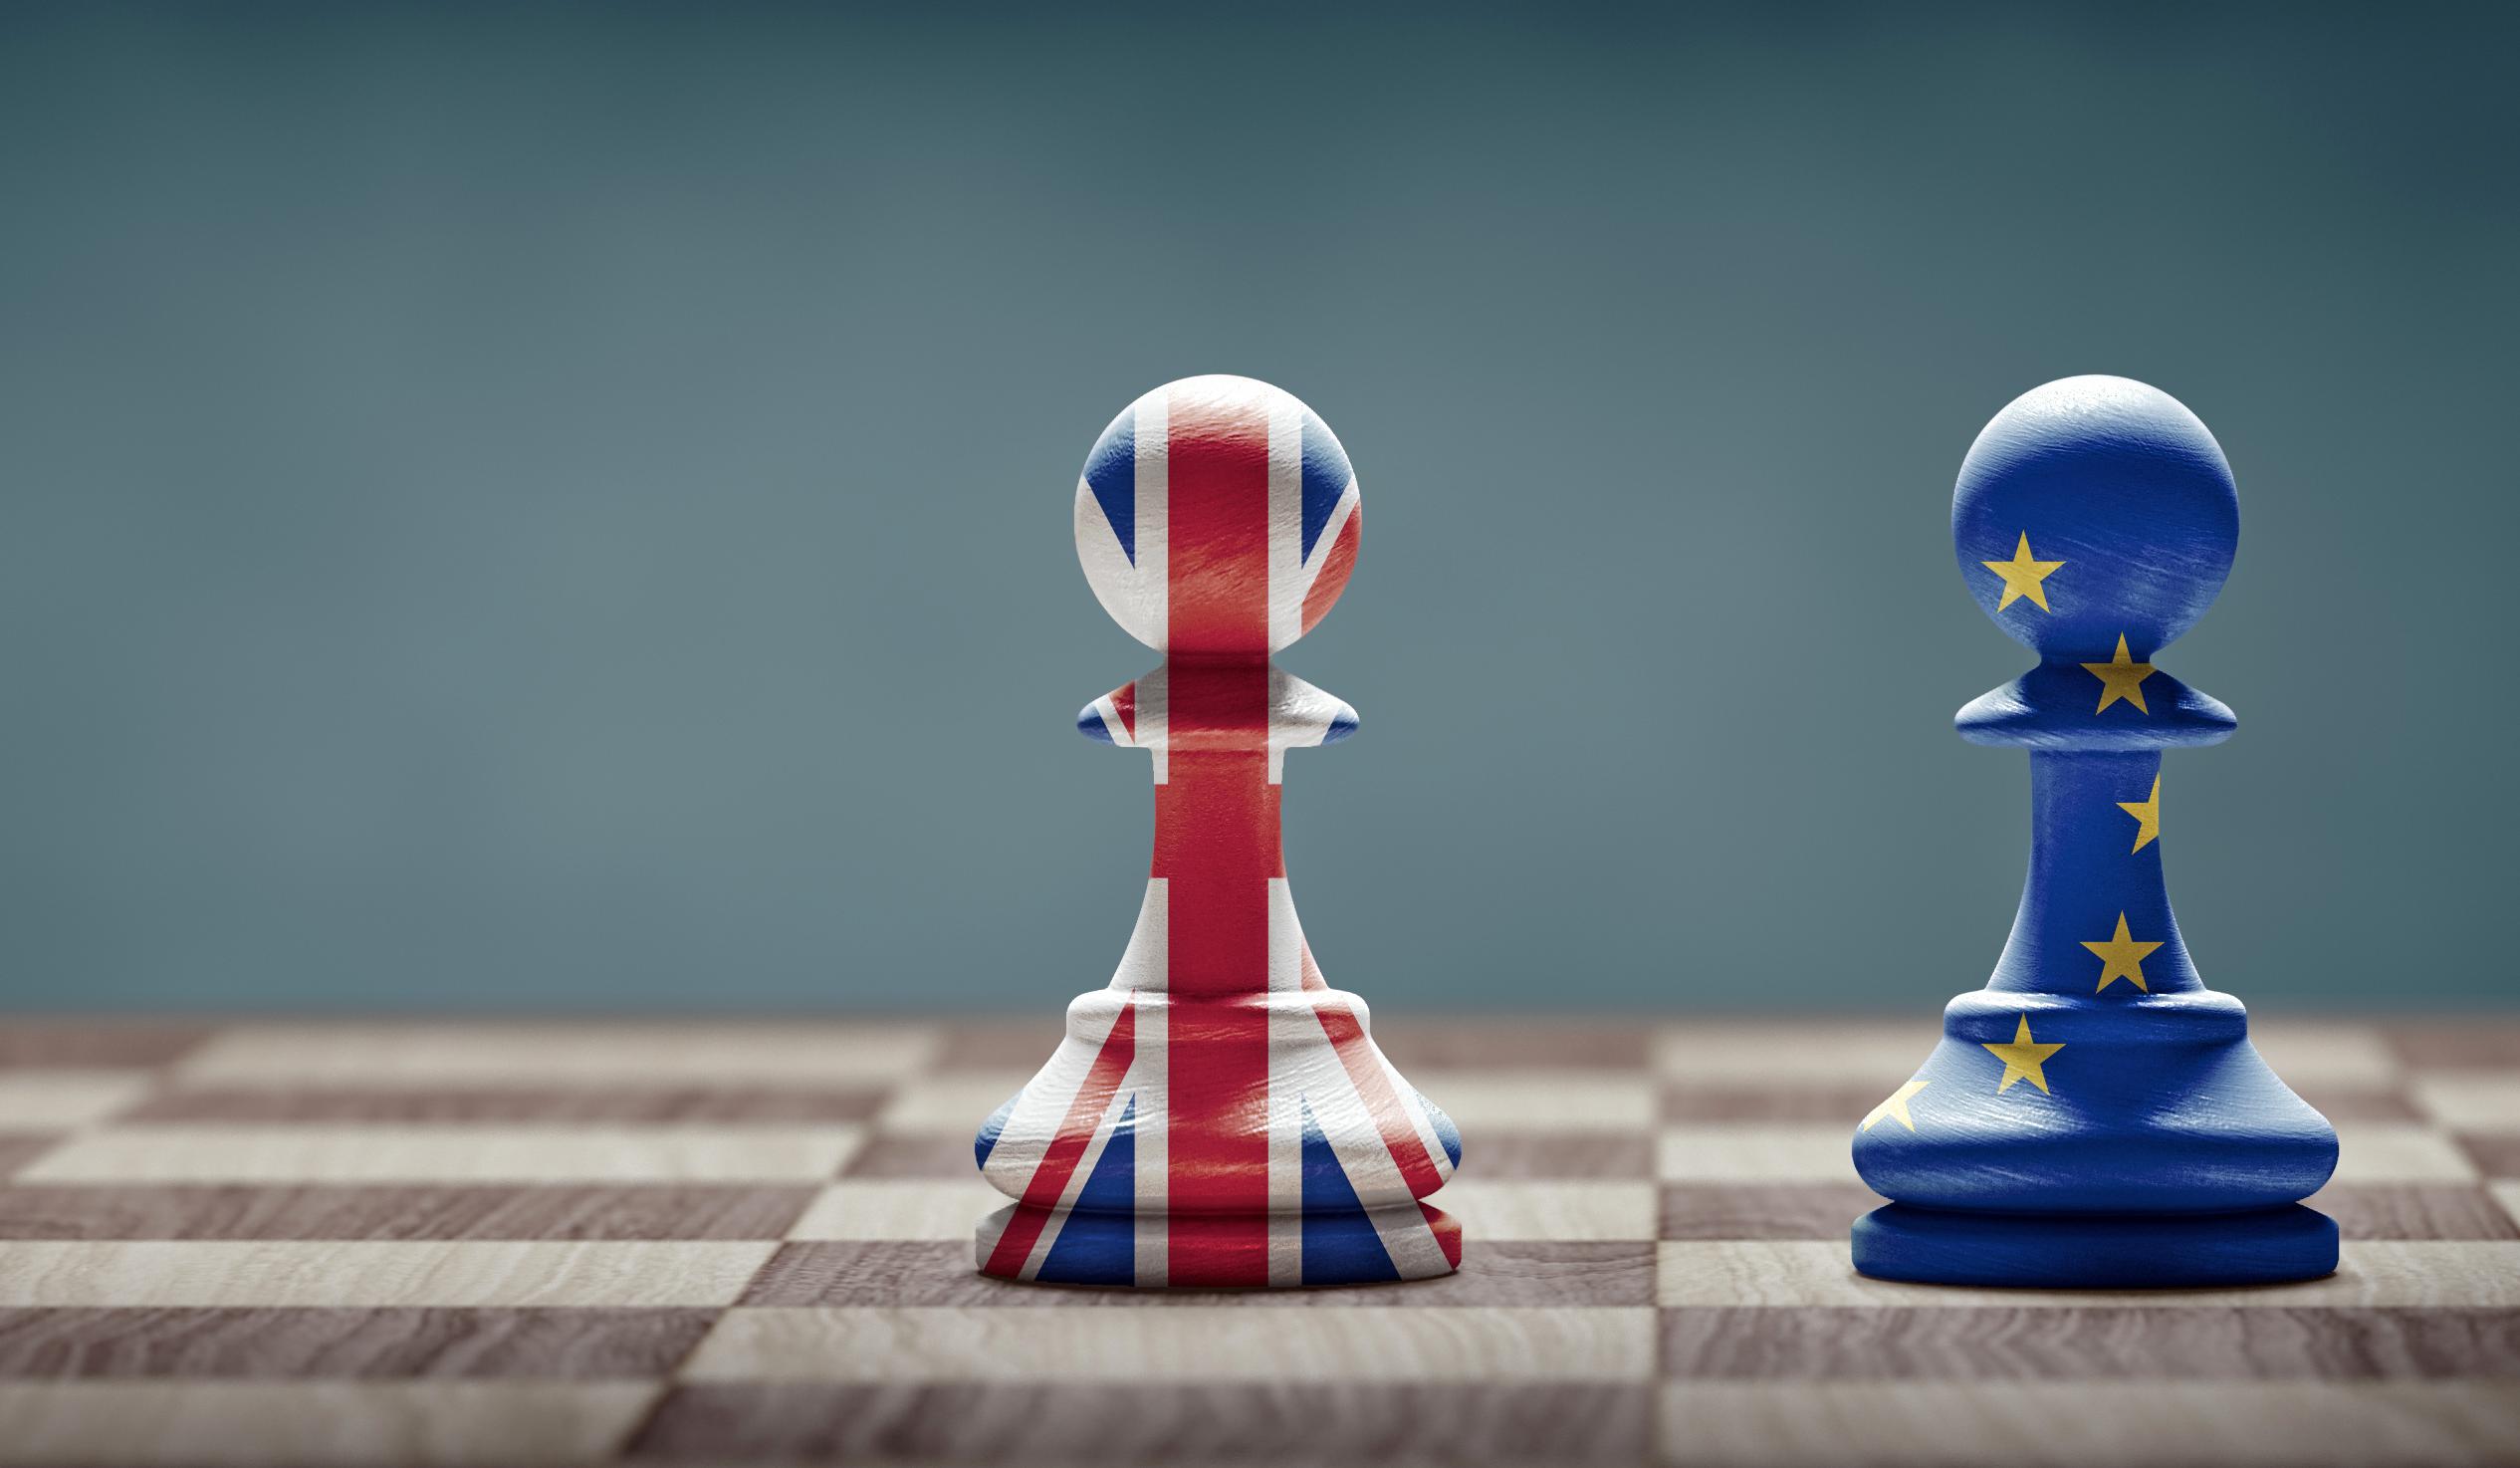 illustration du drapeau européen et britannique